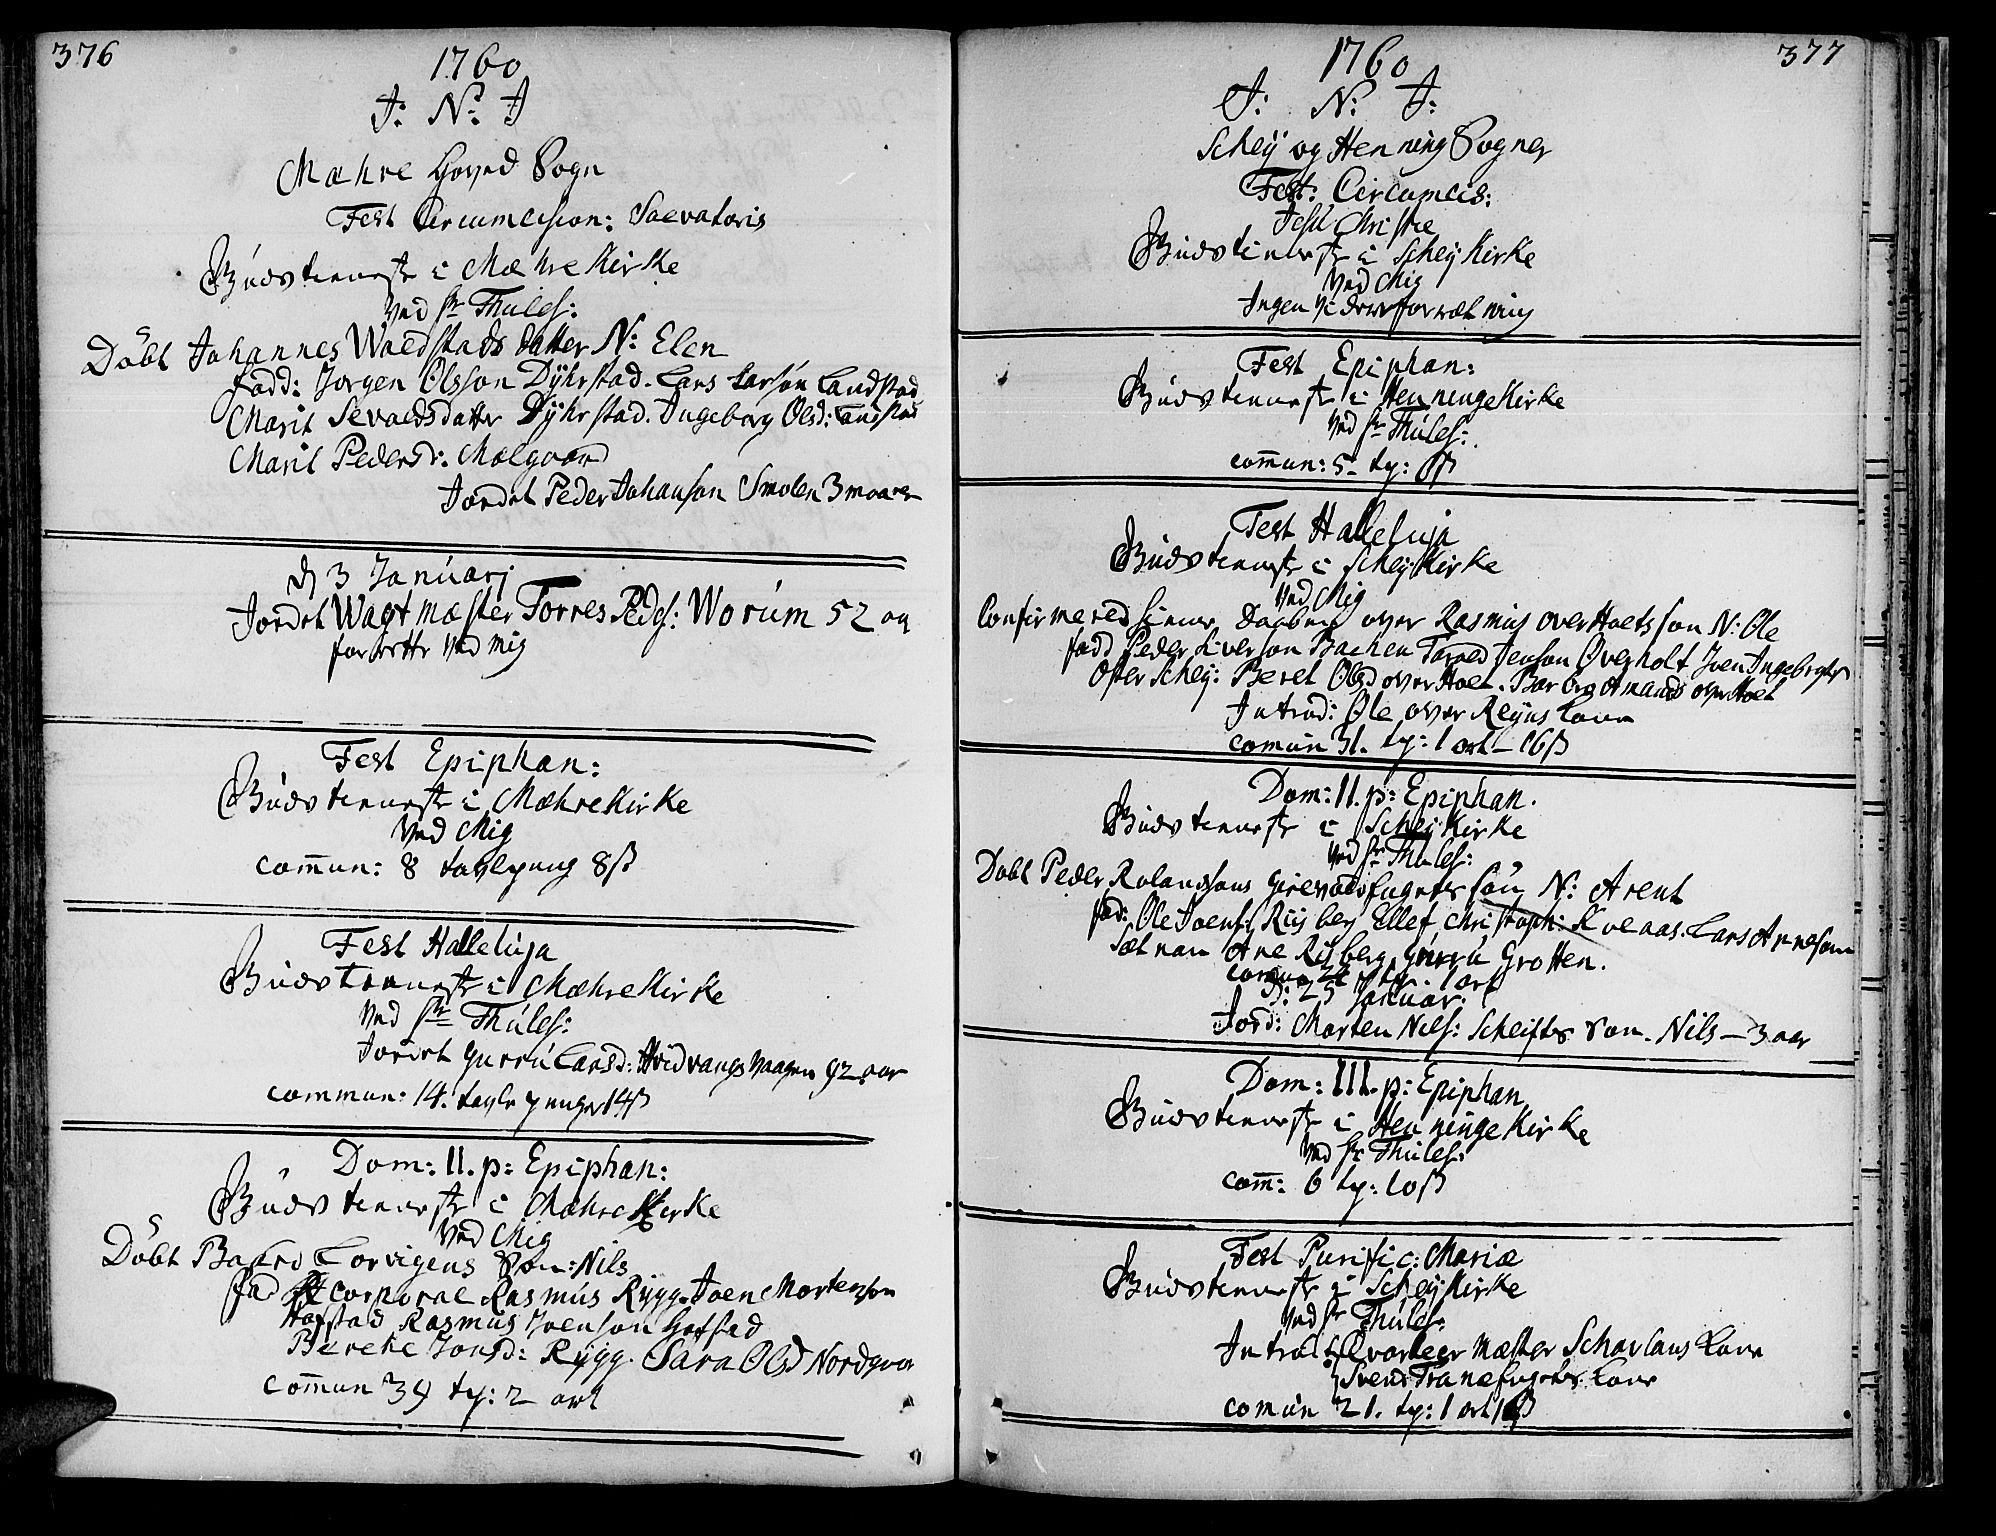 SAT, Ministerialprotokoller, klokkerbøker og fødselsregistre - Nord-Trøndelag, 735/L0330: Ministerialbok nr. 735A01, 1740-1766, s. 376-377